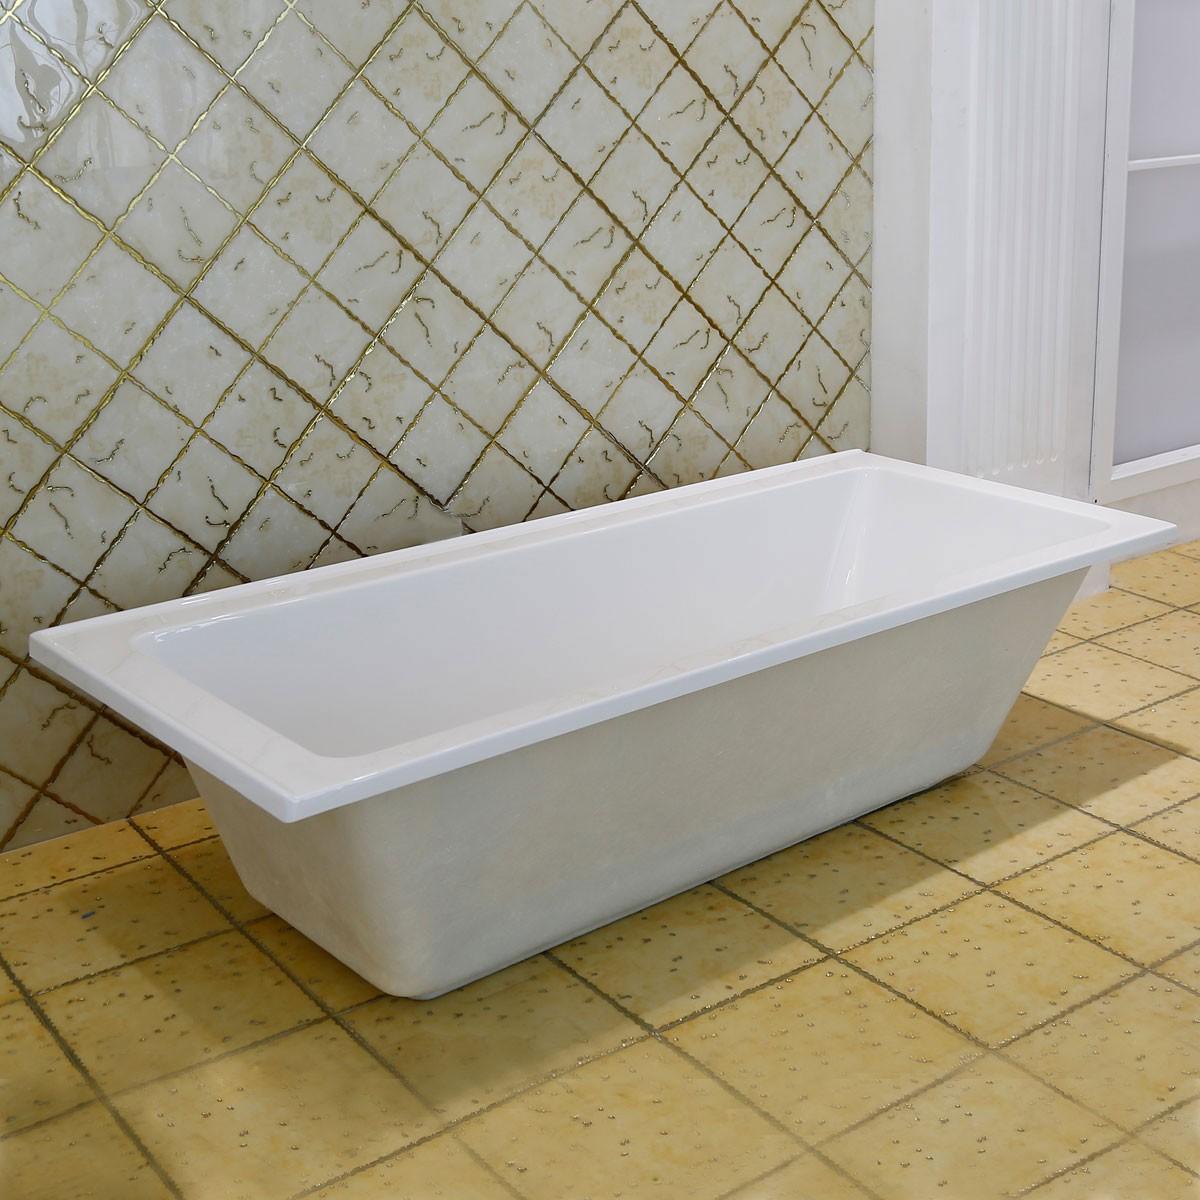 baignoire encastrable baignoire encastrable en fonte. Black Bedroom Furniture Sets. Home Design Ideas